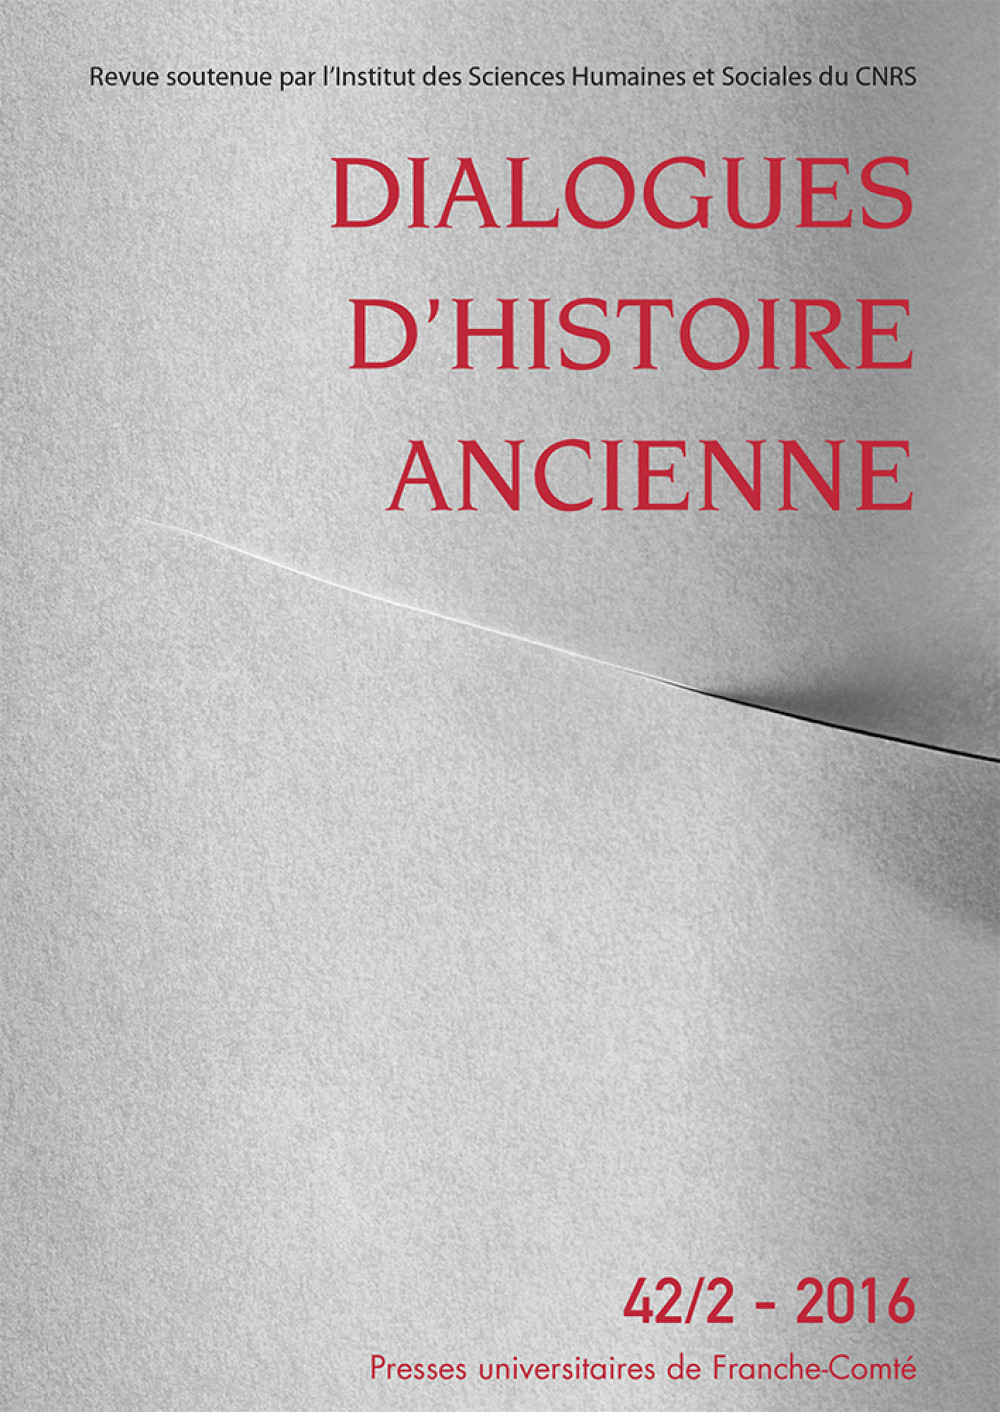 Dialogues d'Histoire Ancienne 42/2